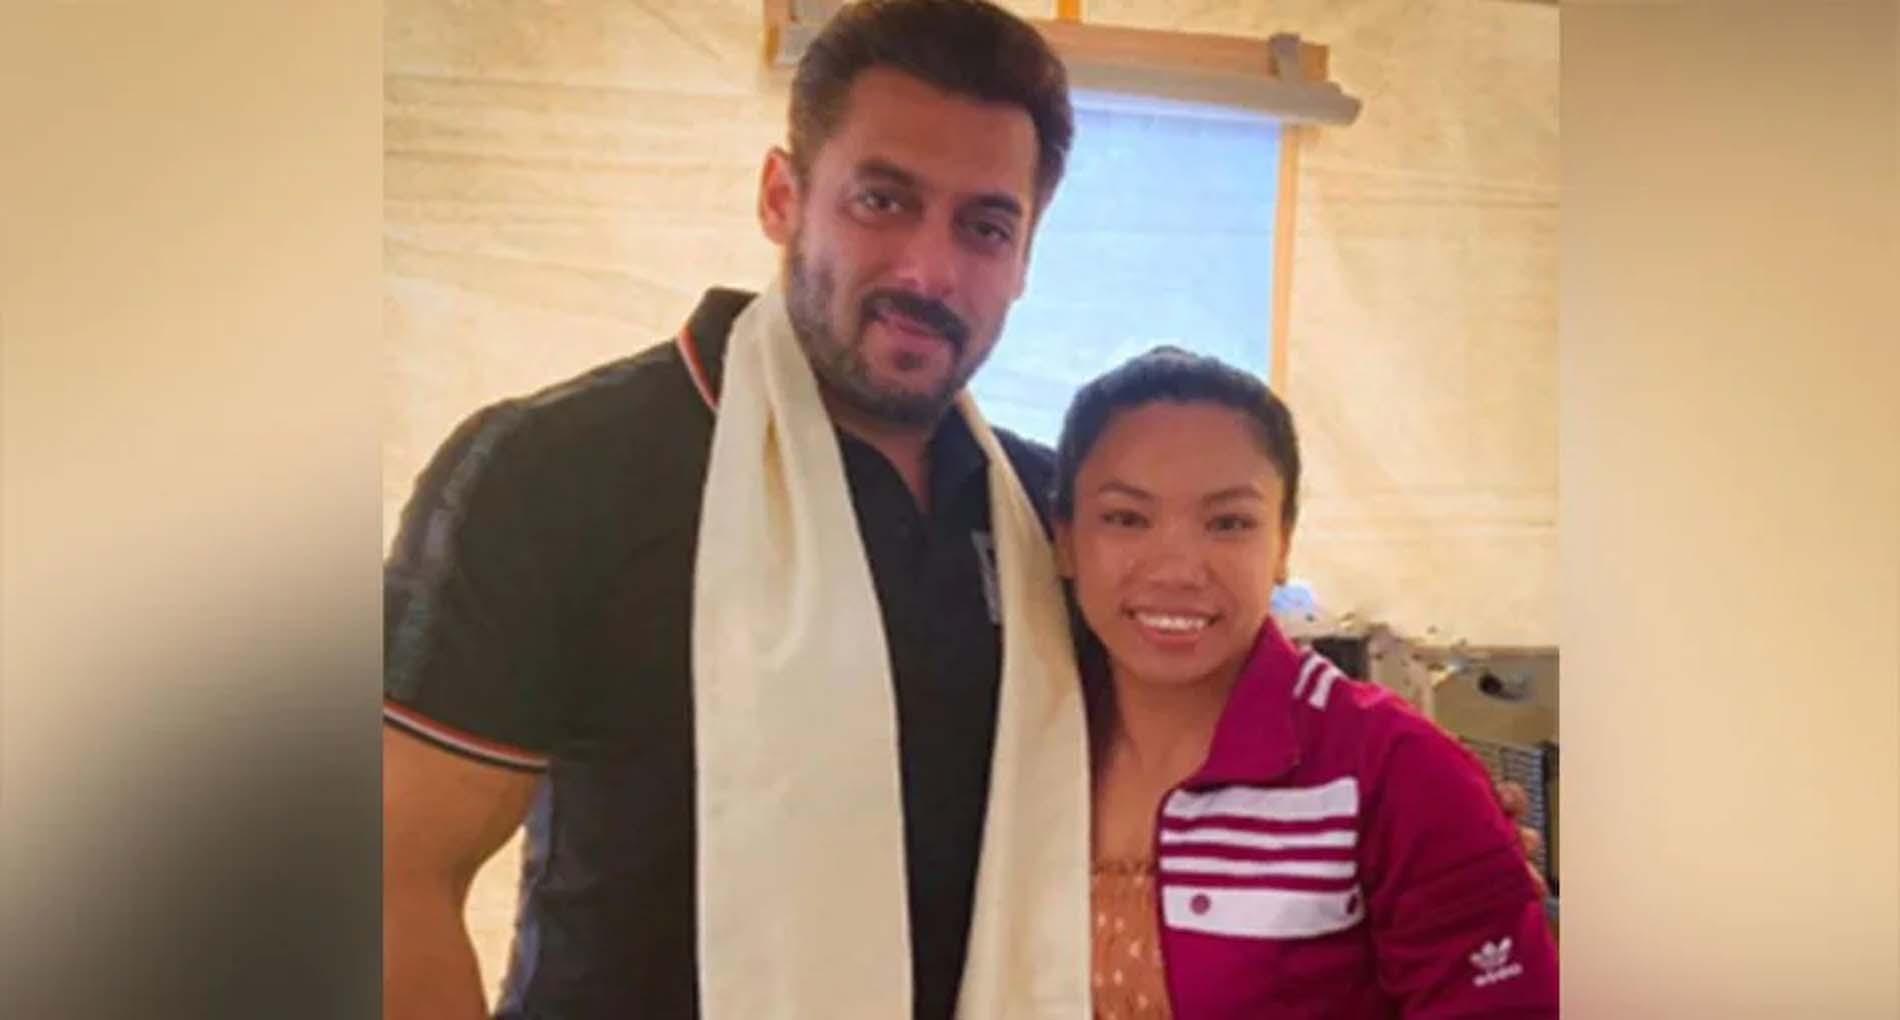 सलमान खान से मिलीं ओलंपिक सिल्वर मेडलिस्ट मीराबाई चानू! शेयर की फोटो